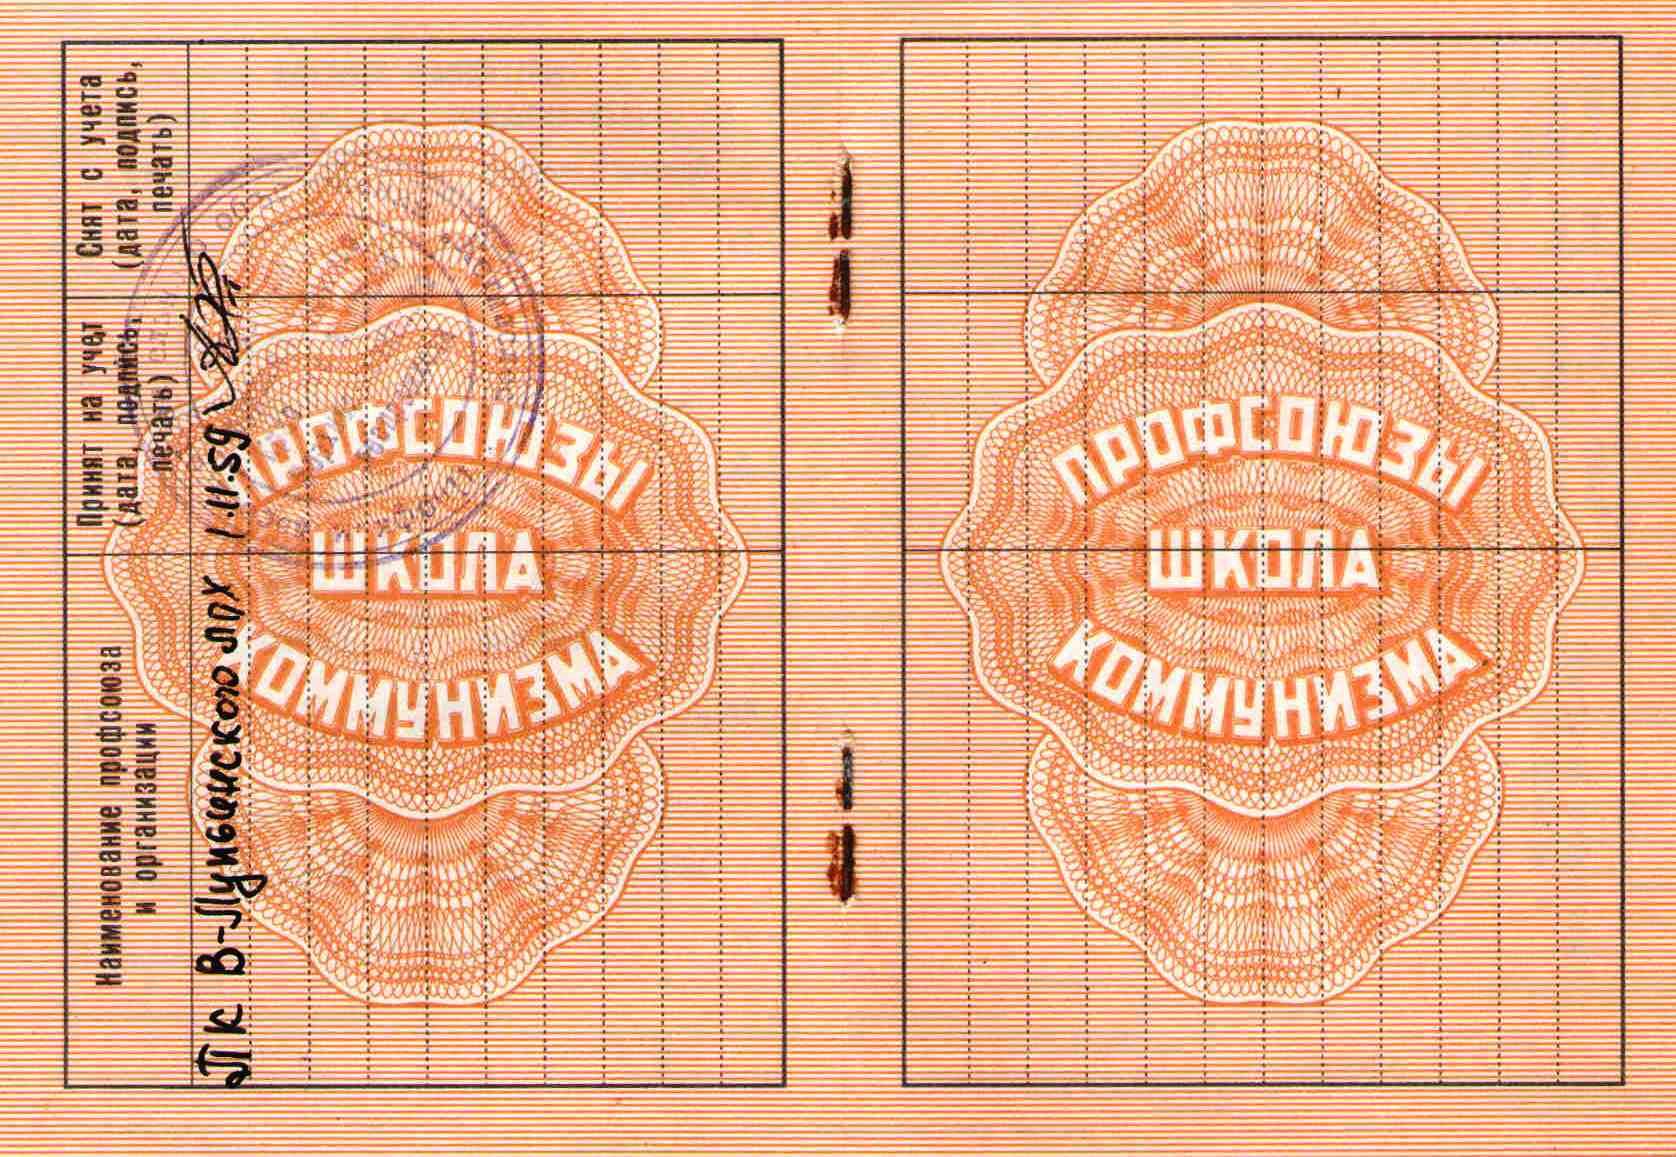 120. Профсоюзный билет, Барыкин ПП, 1987